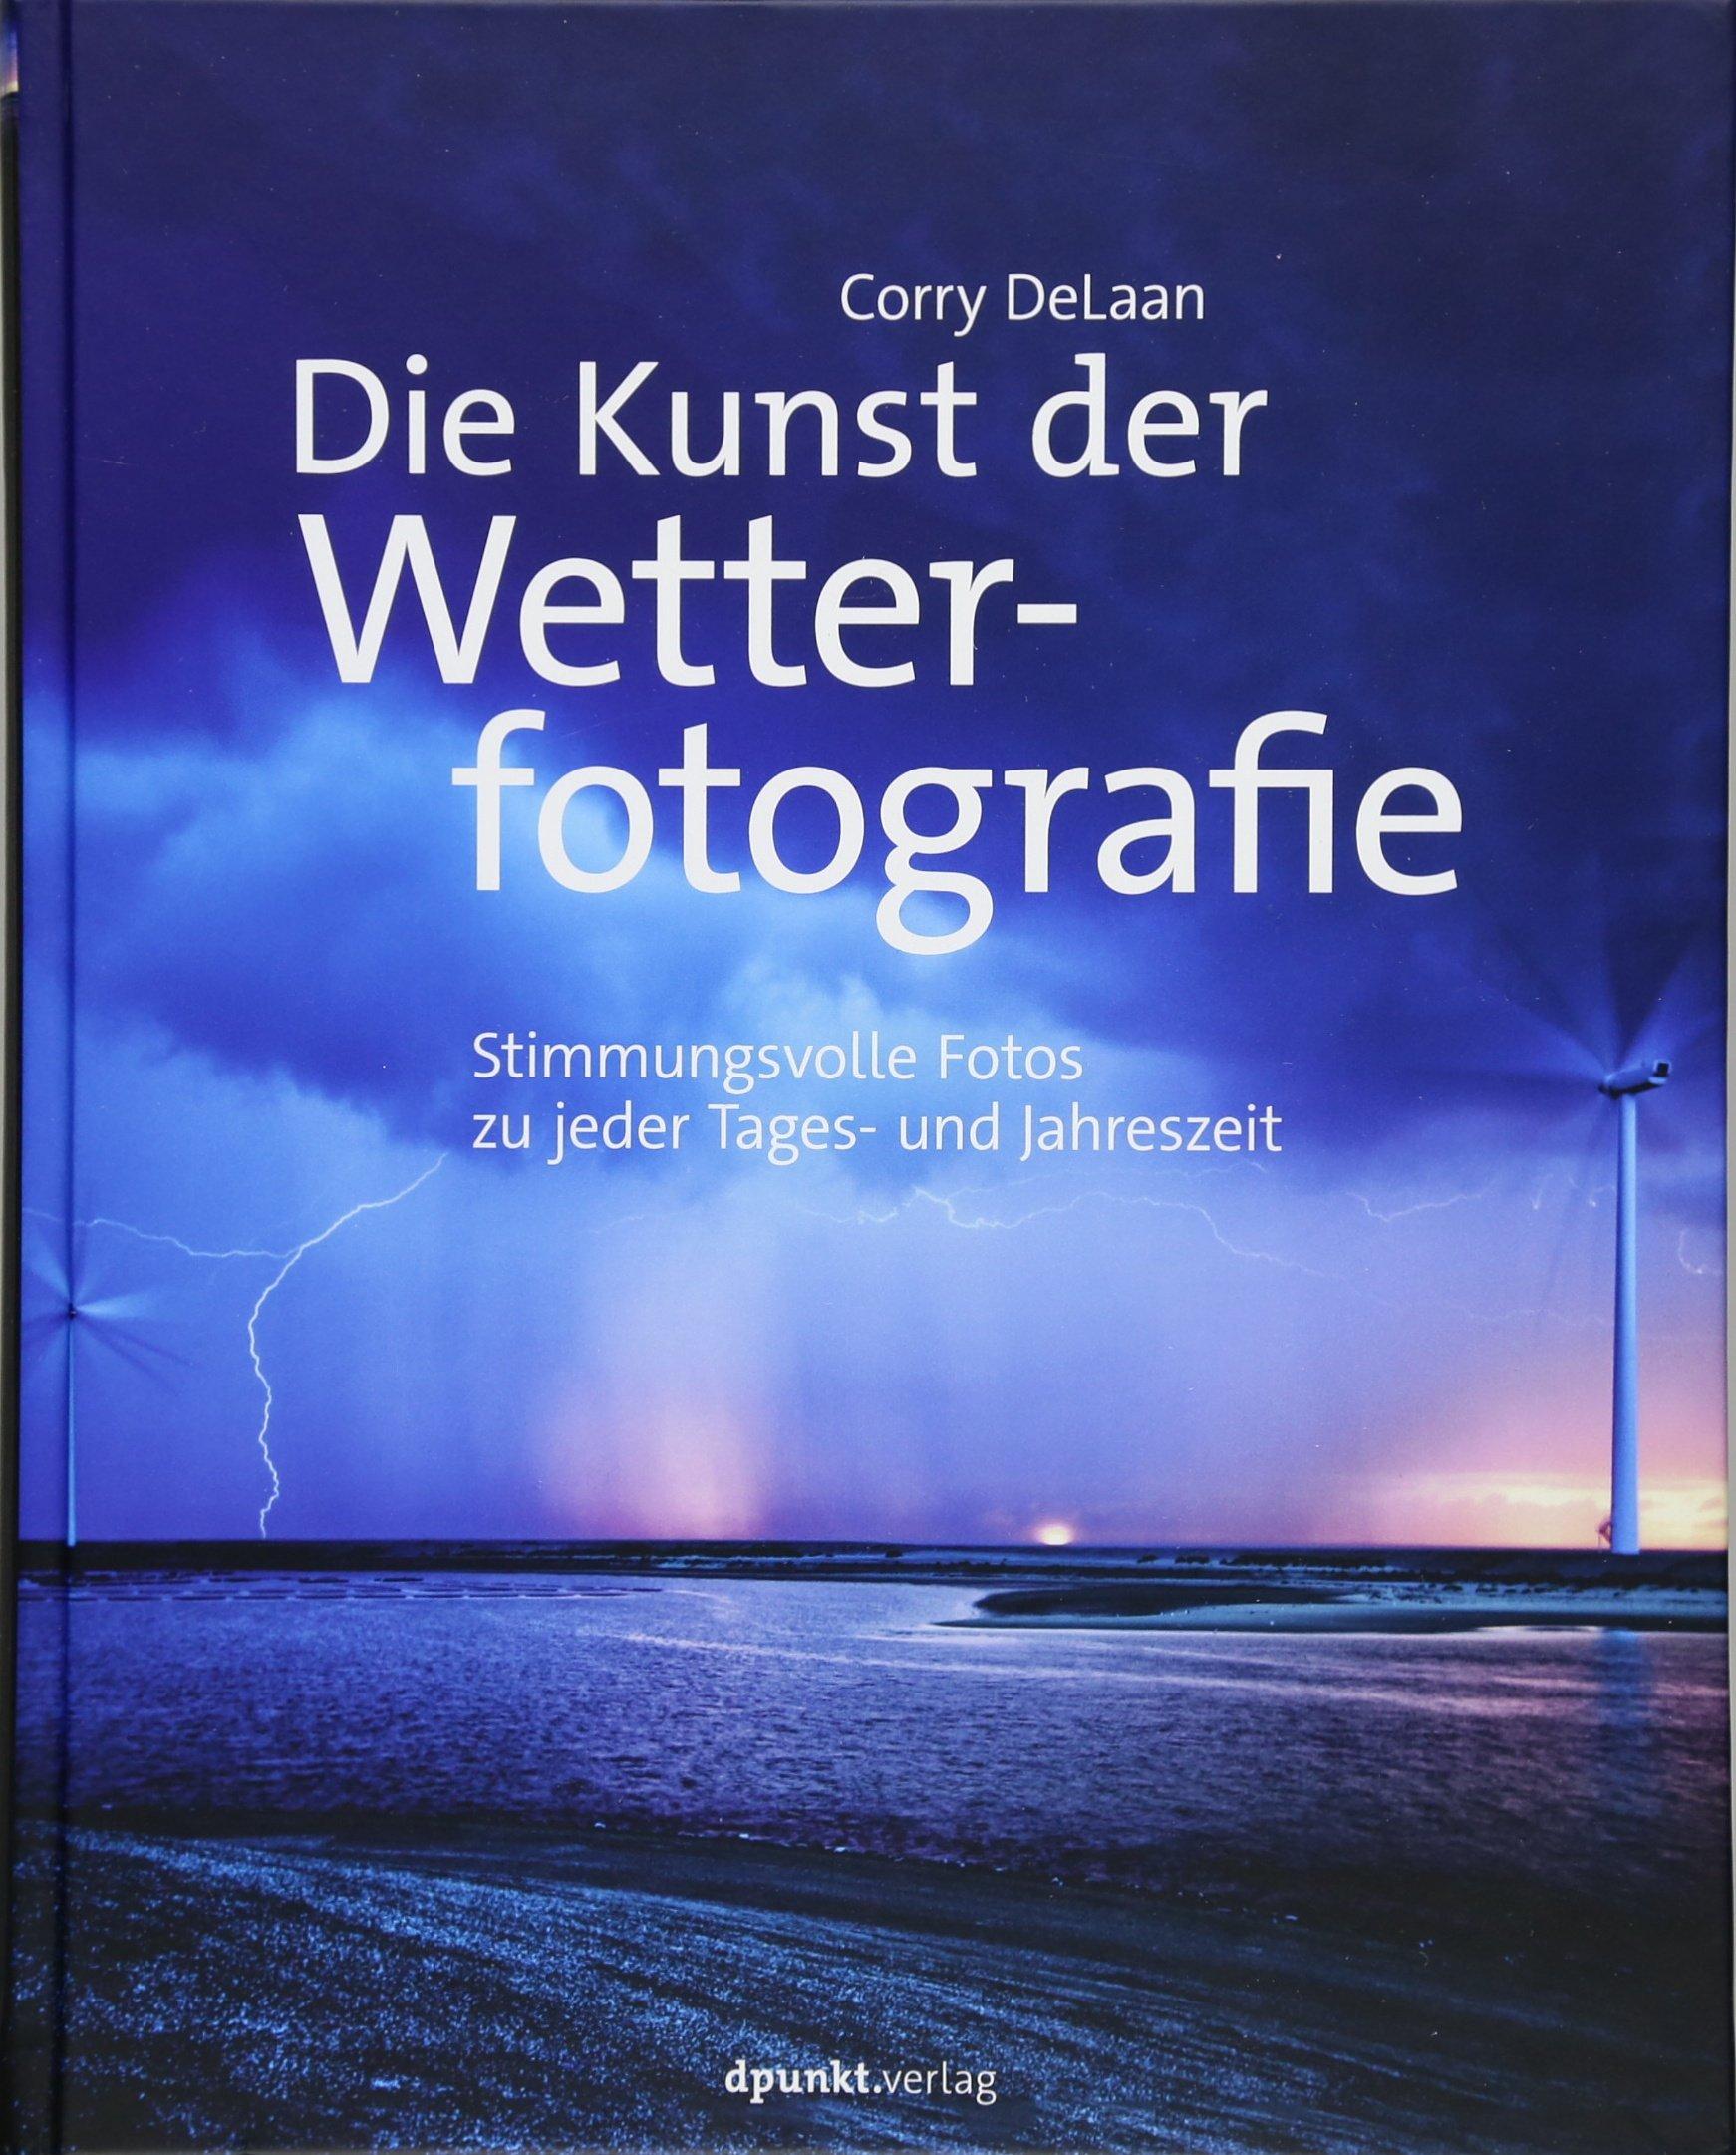 die-kunst-der-wetterfotografie-stimmungsvolle-fotos-zu-jeder-tages-und-jahreszeit